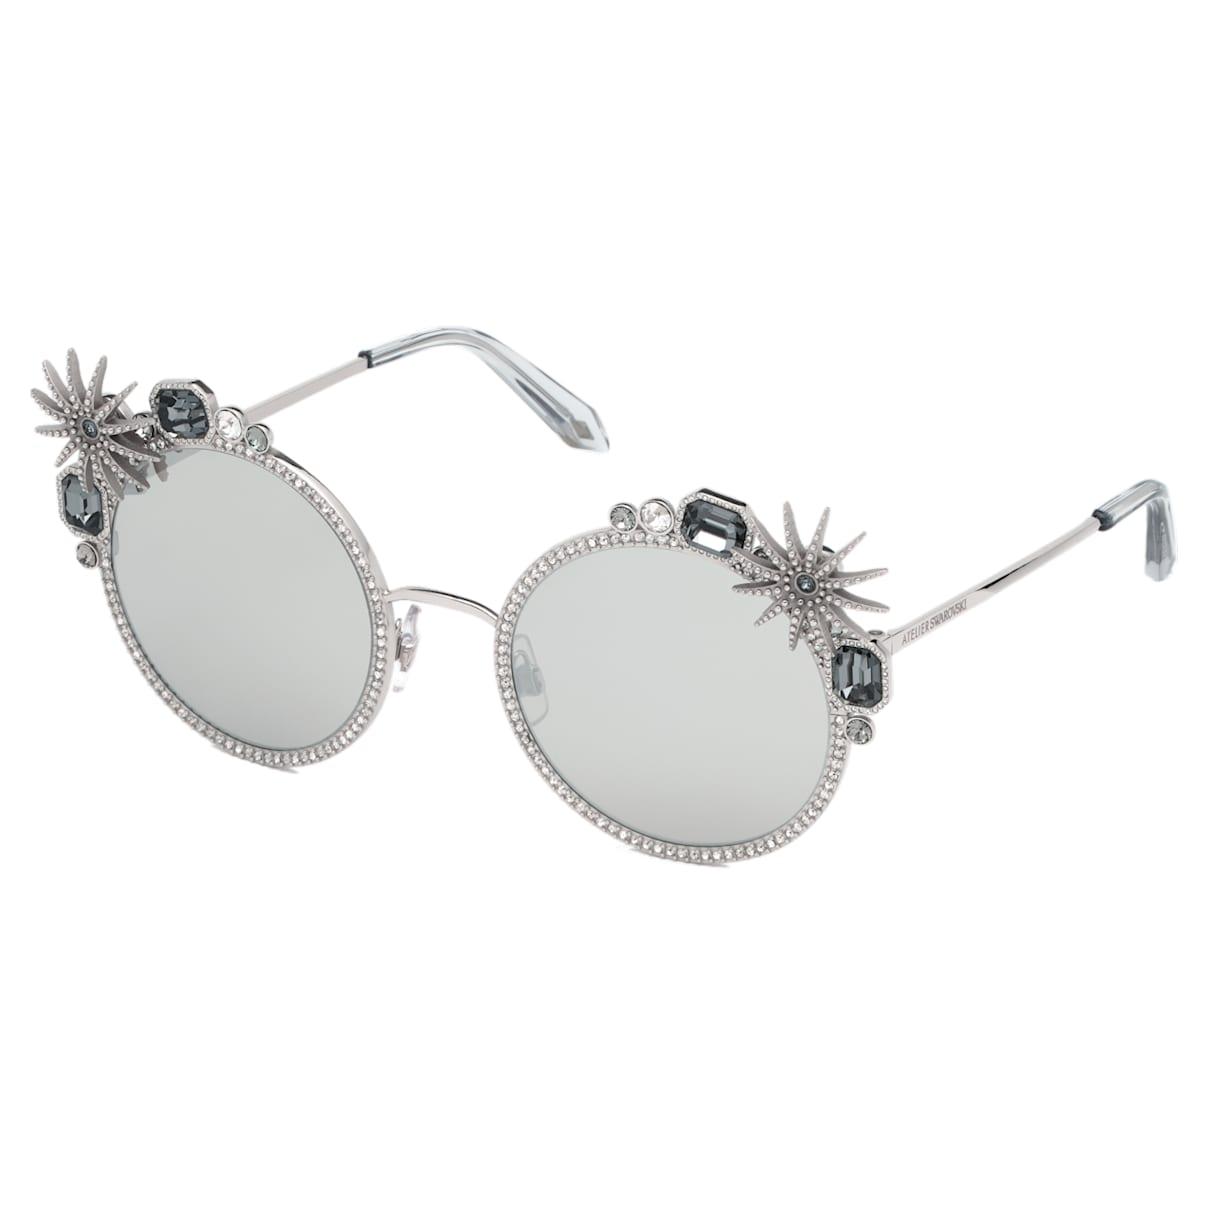 Occhiali da sole Calypso, SK240-P 16C, tono argentato